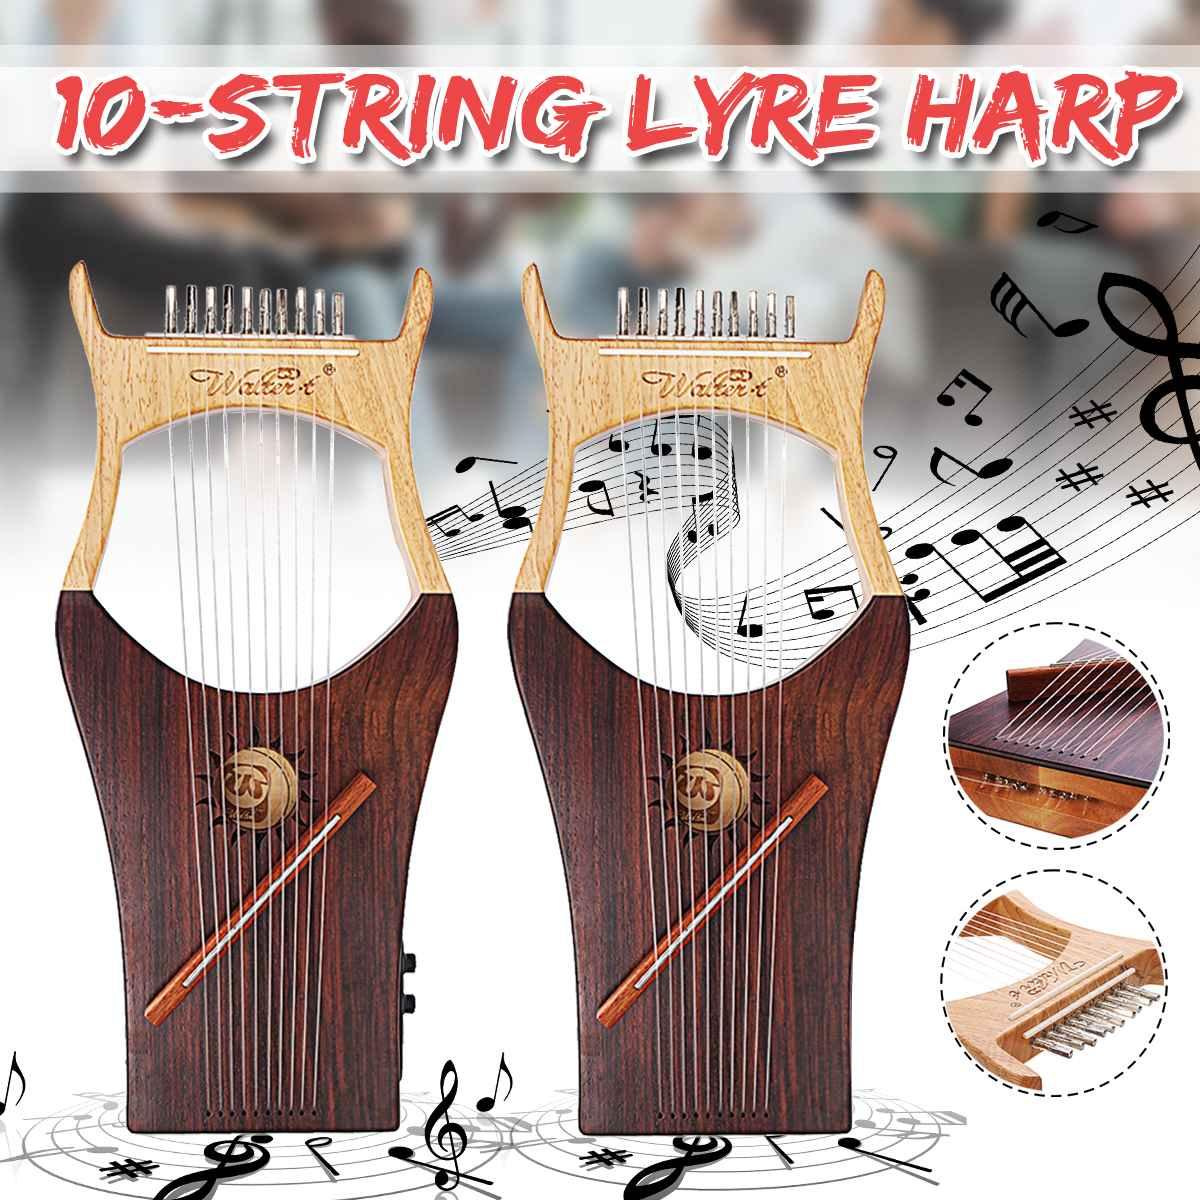 Walter. t 10 String Houten Lier Harp Metalen Snaren Maple Hout Topboard Mahonie Bord String Instrument met Draagtas WH 11 - 2